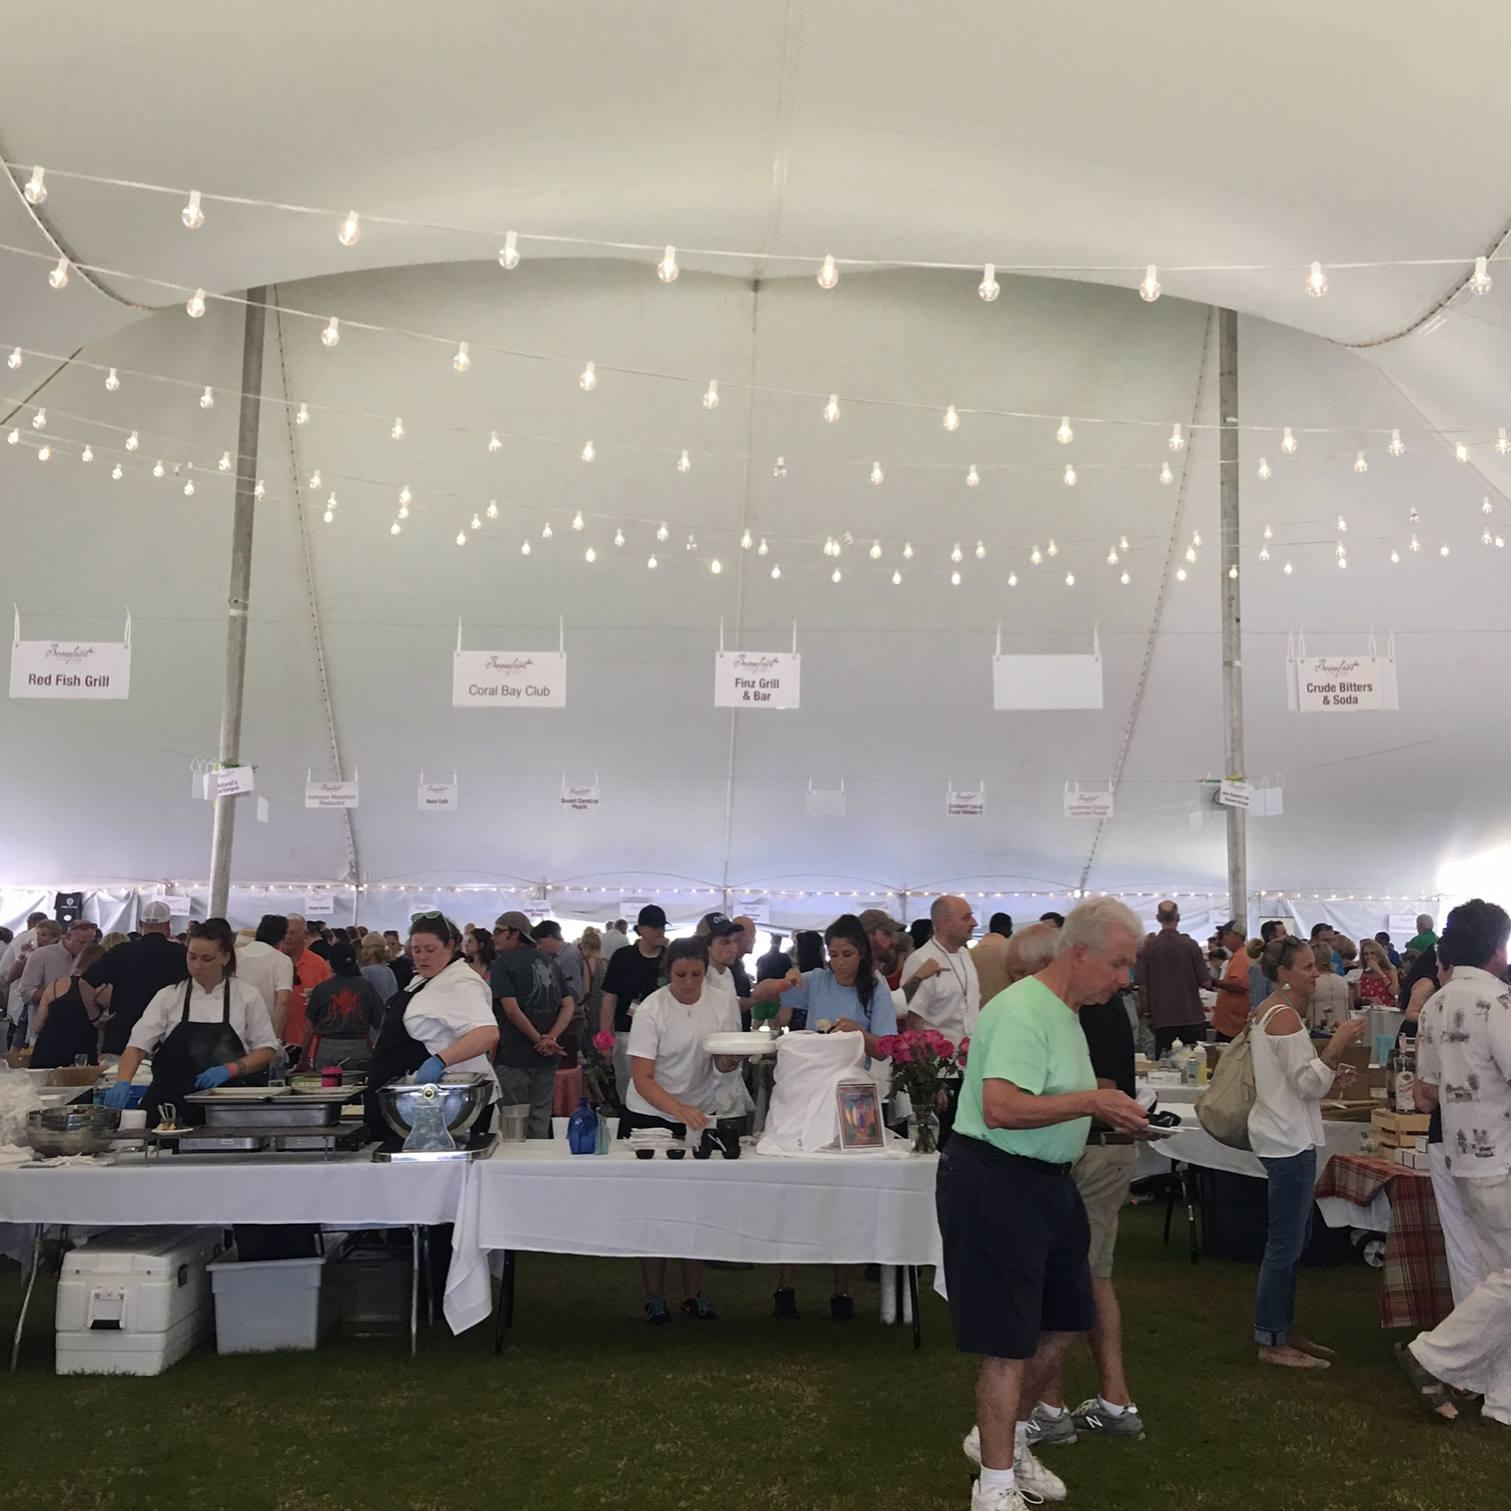 Beaufort, Beaufort NC, NC Maritime Museum, Beaufort Food & Wine Festival, Vin de Mear Epicurean Village